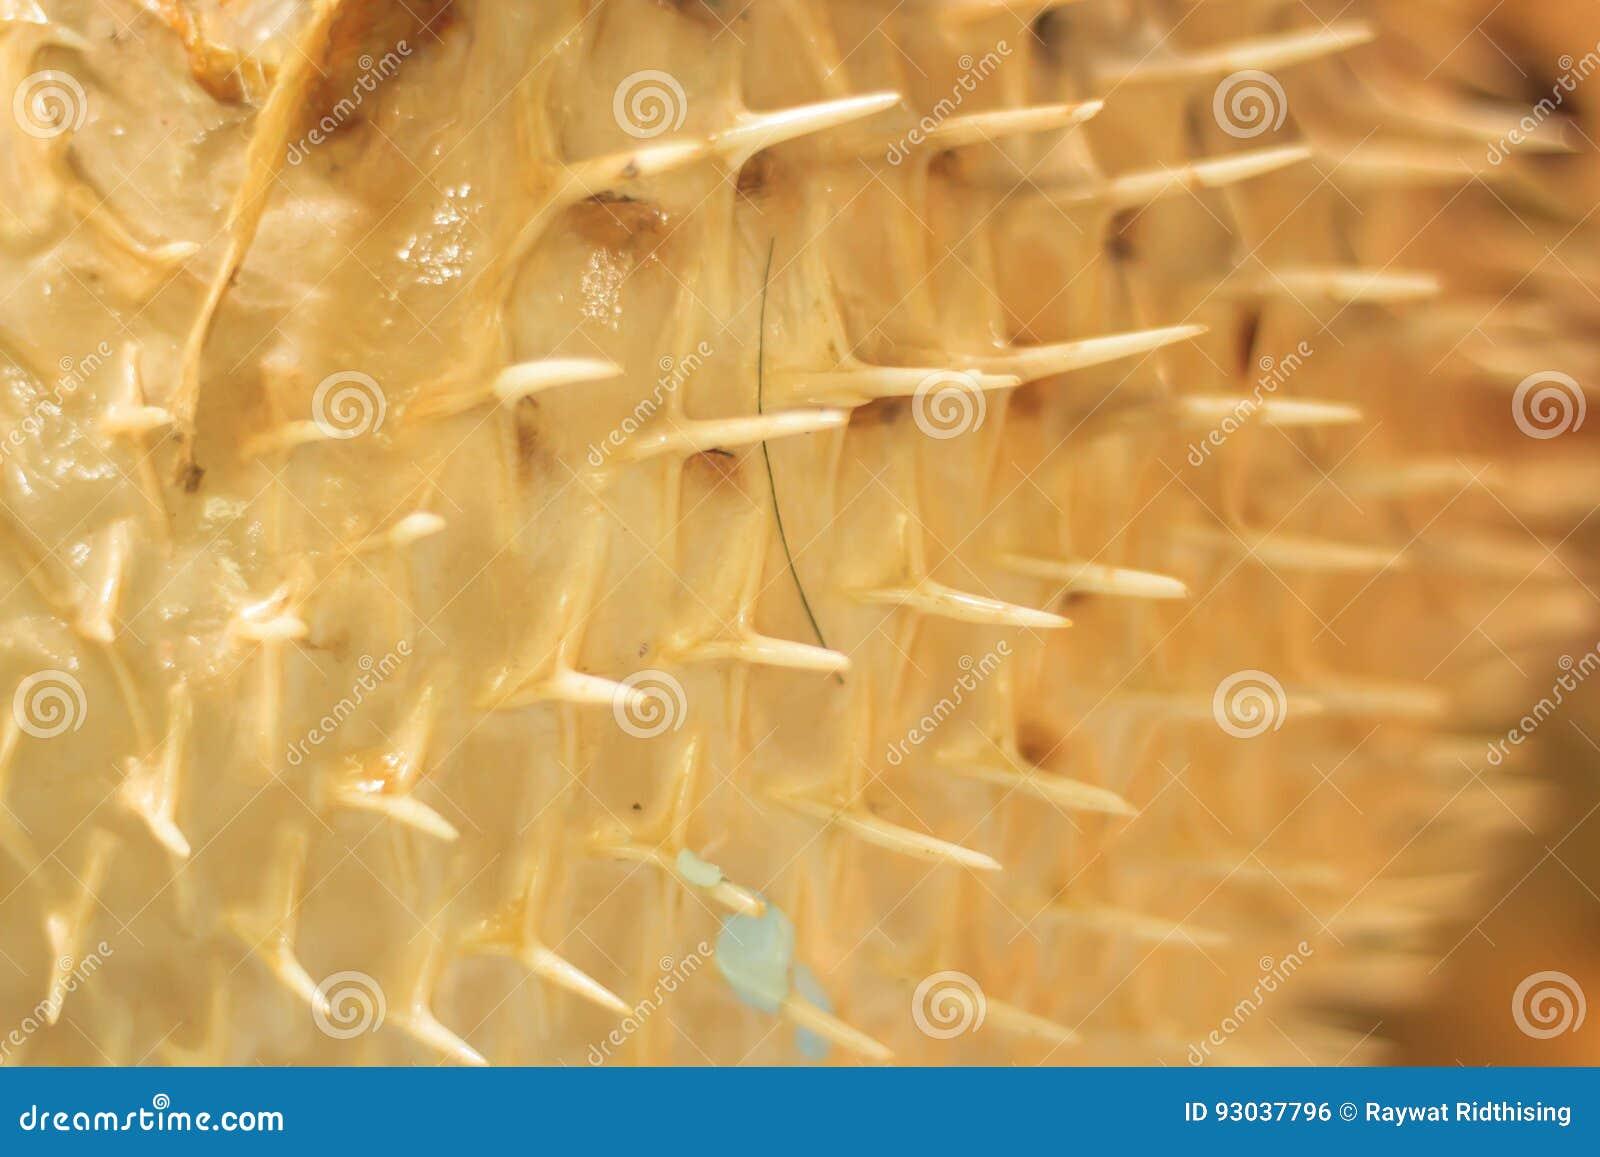 Close up Puffer fish skin